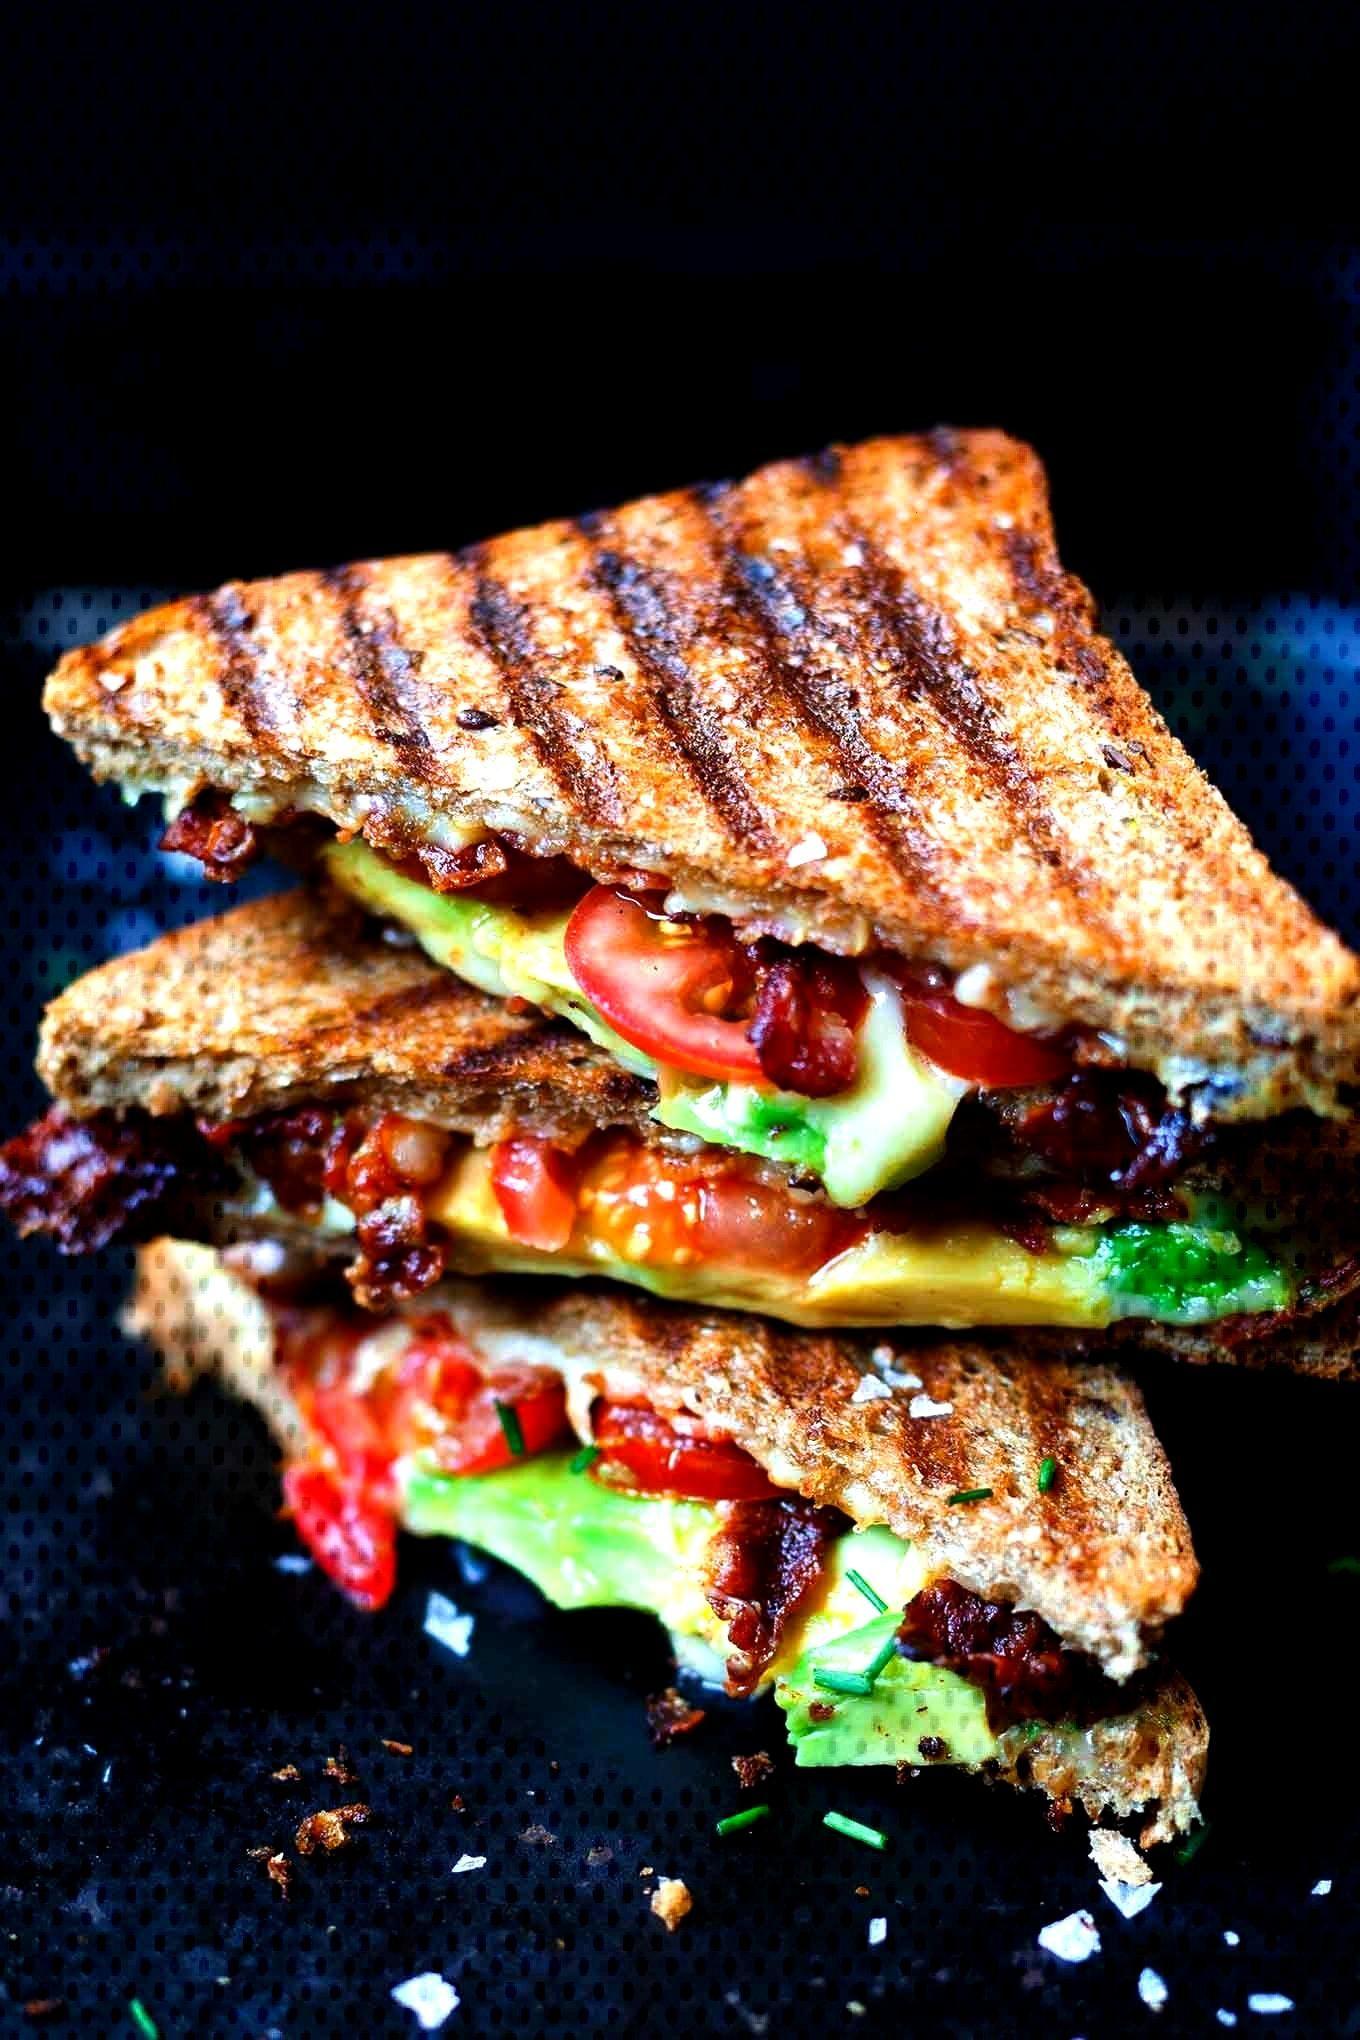 Sandwich au fromage grillé au bacon et à l'avocat - Kochkarussell - -